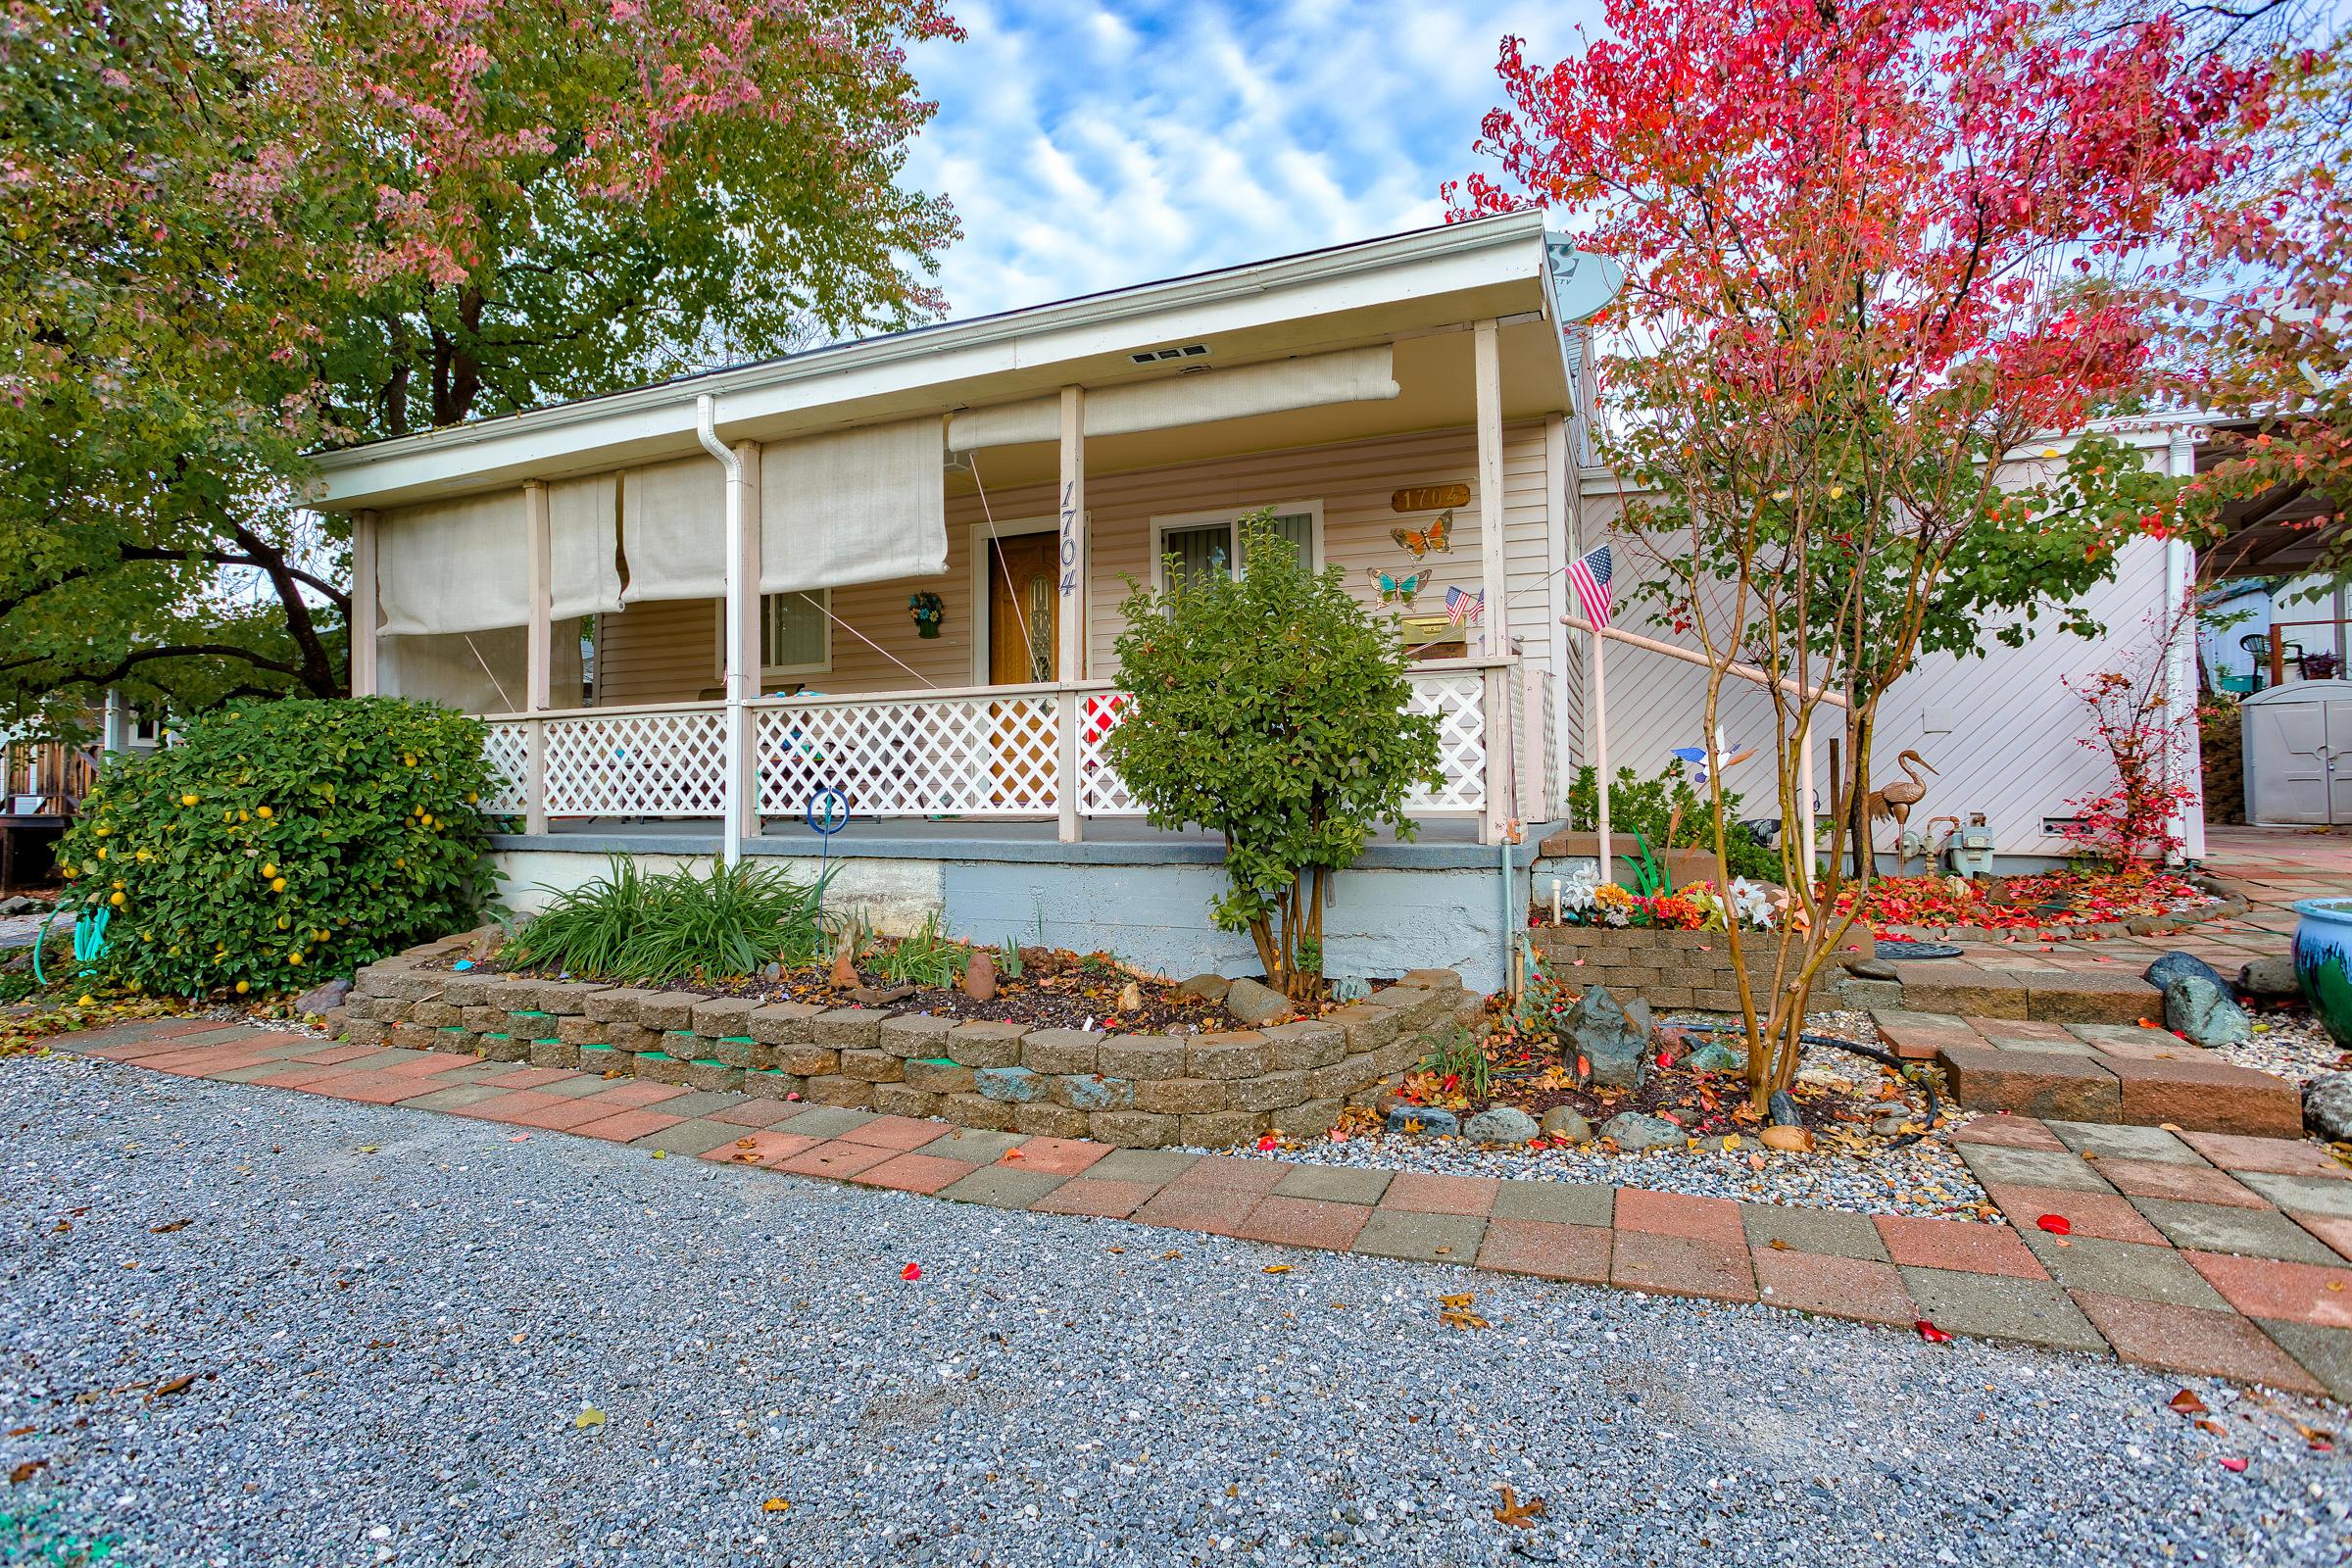 1704 Ashby Rd, Shasta Lake, CA 96019